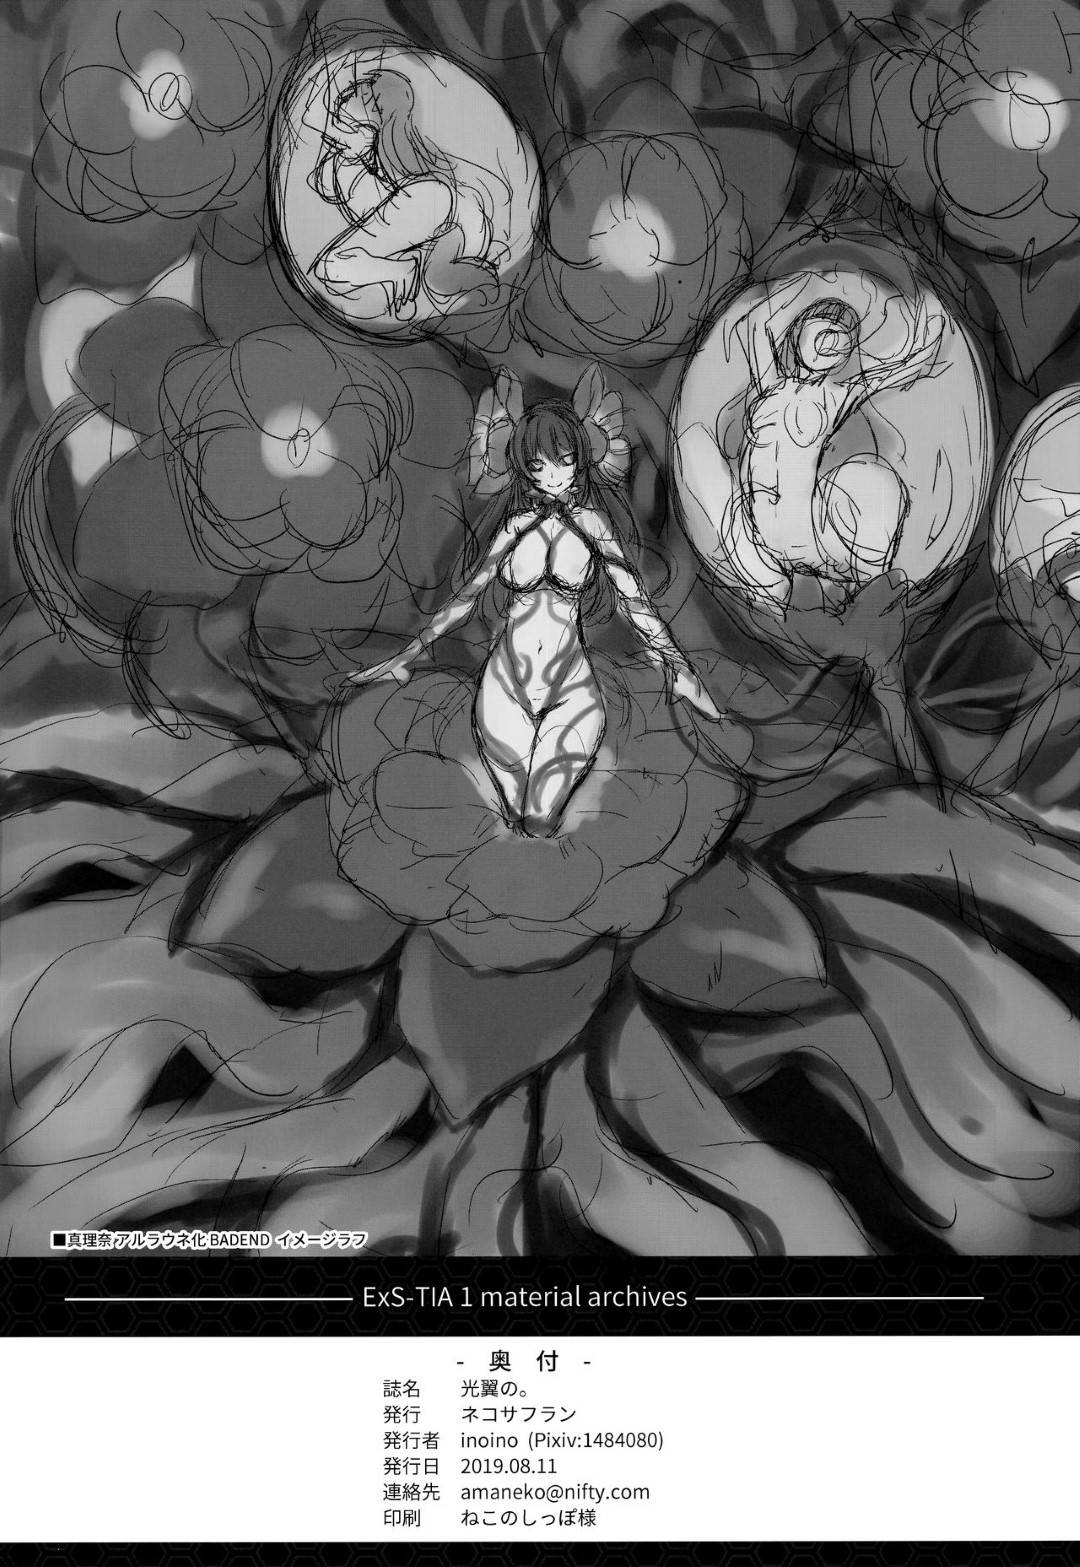 【エロ同人誌】他人の記憶を脳内に刷り込まれたエクスティア…洗脳された彼女は無抵抗な身体に性快楽を与えられて絶頂を感じる!【光翼戦姫エクスティア】